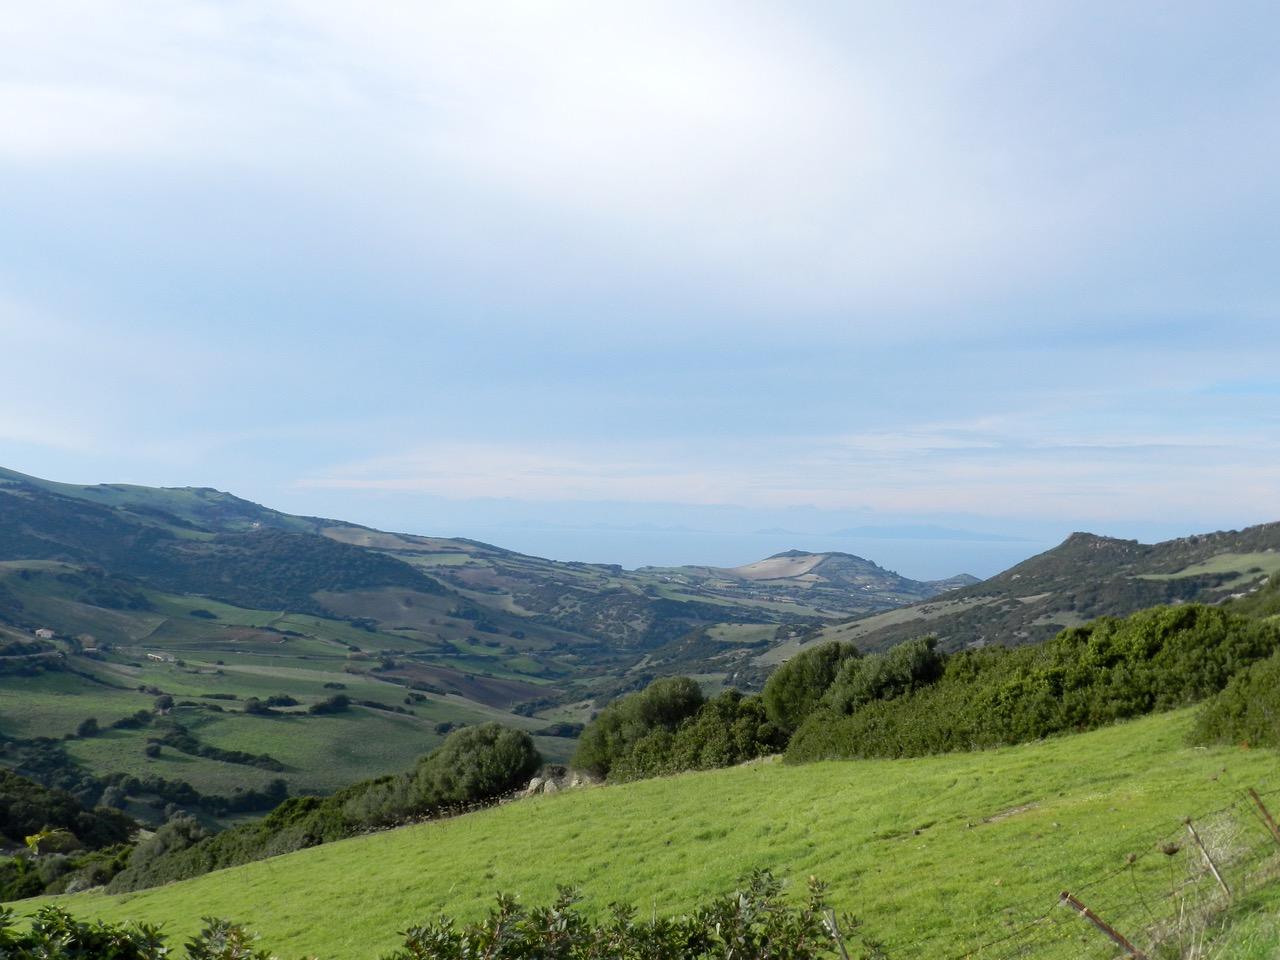 Die Anglona in der Nebensaison: üppige grüne Wiesen